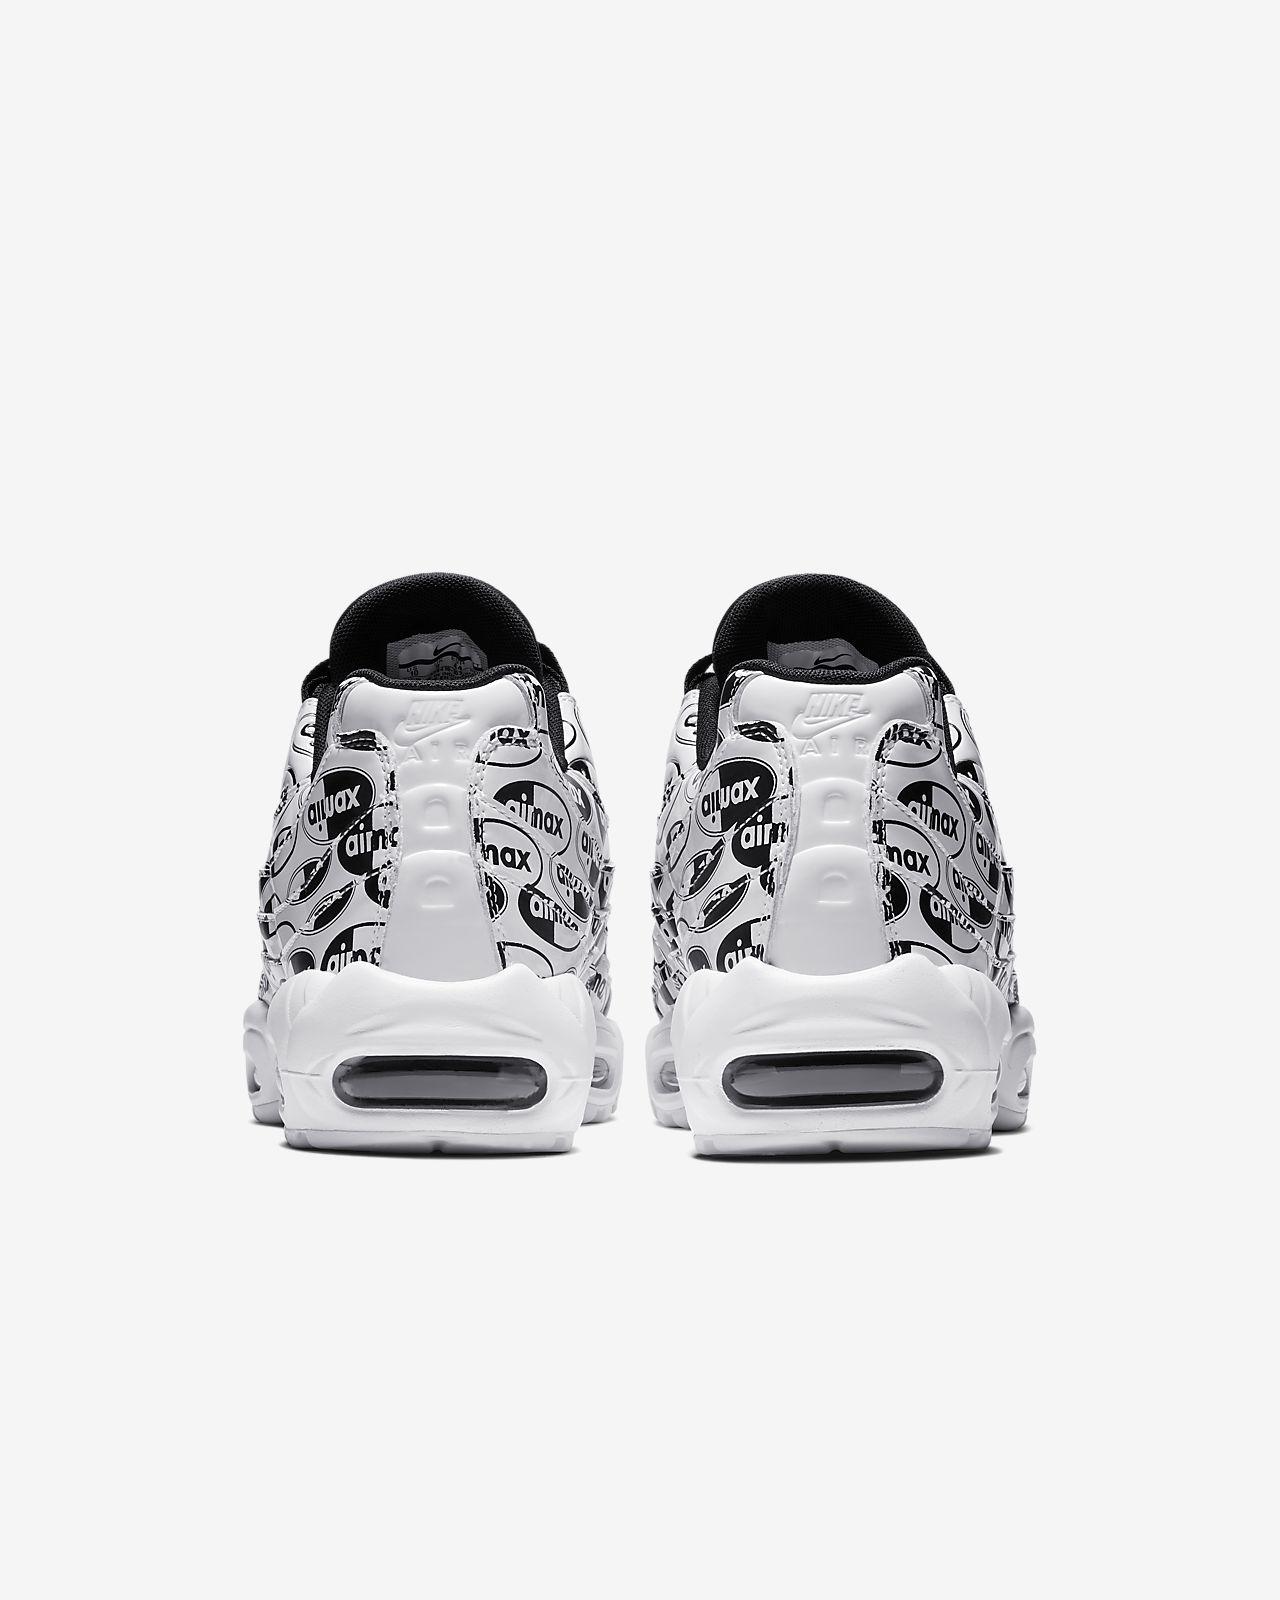 on sale 15597 c3964 ... Nike Air Max 95 Premium Men s Shoe